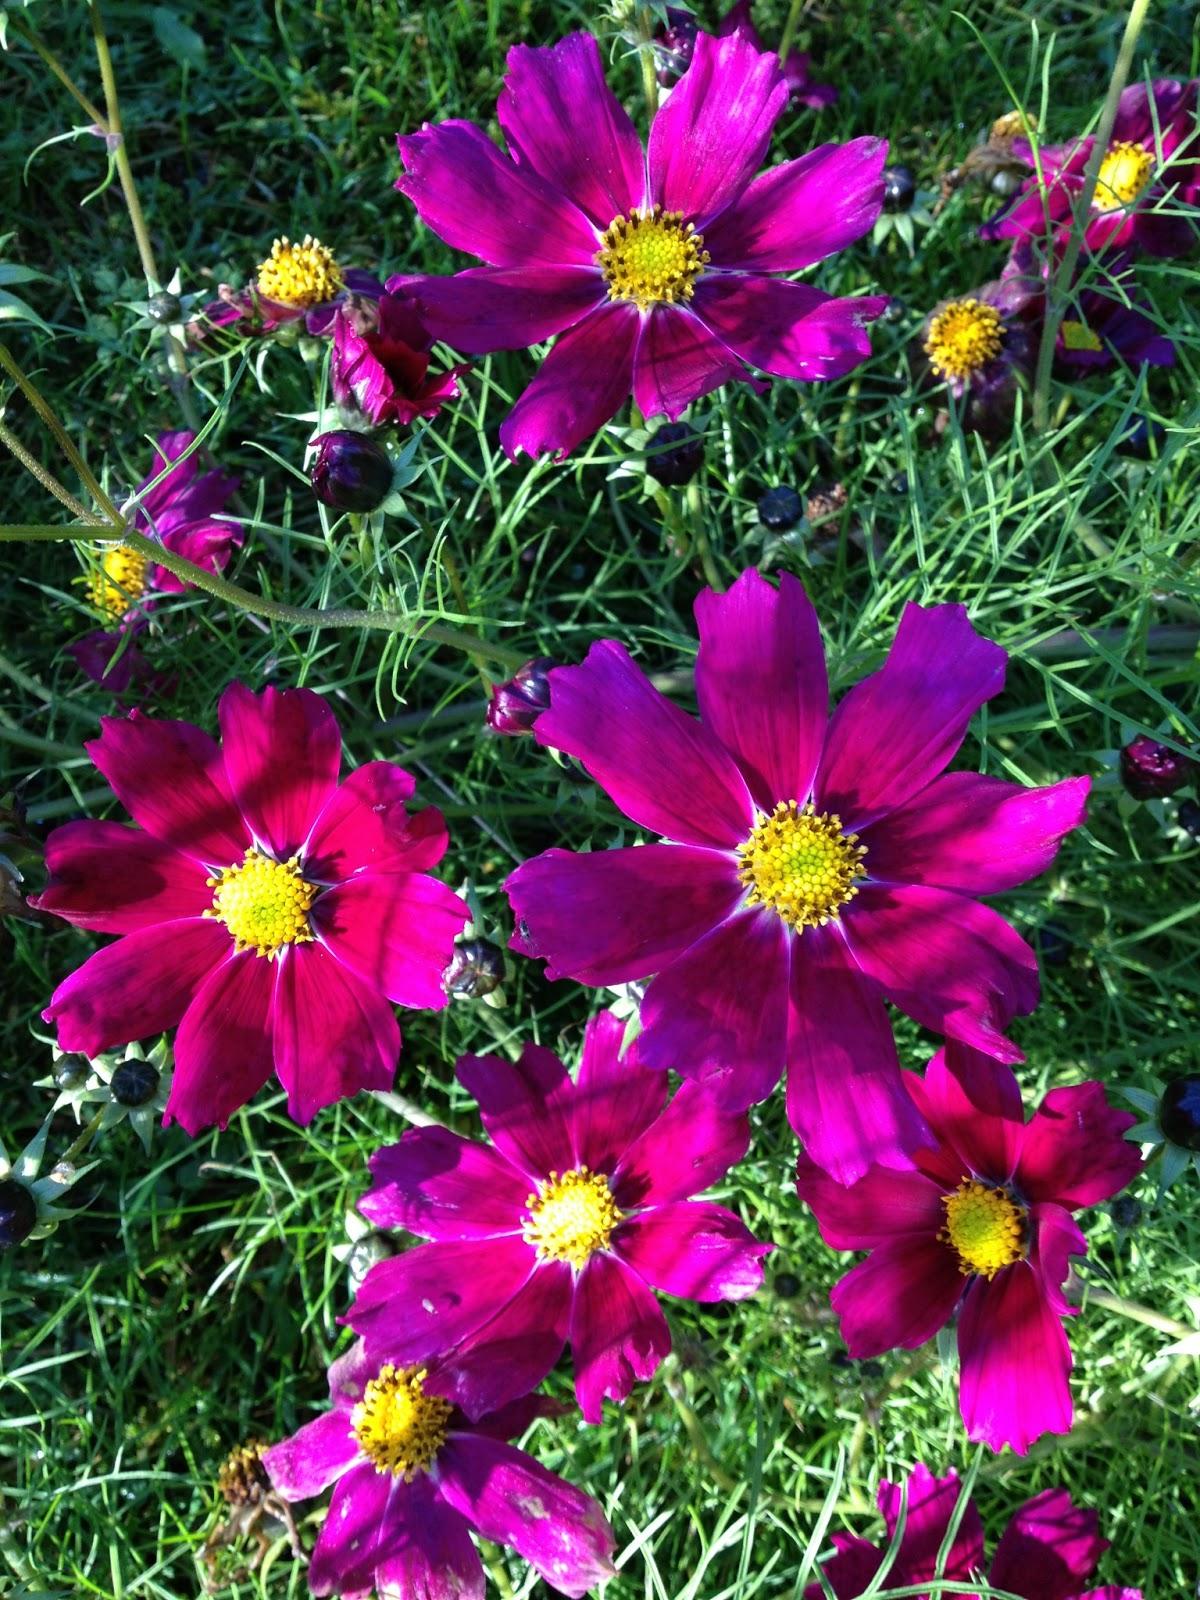 Lill hasta trädgård: mars 2013